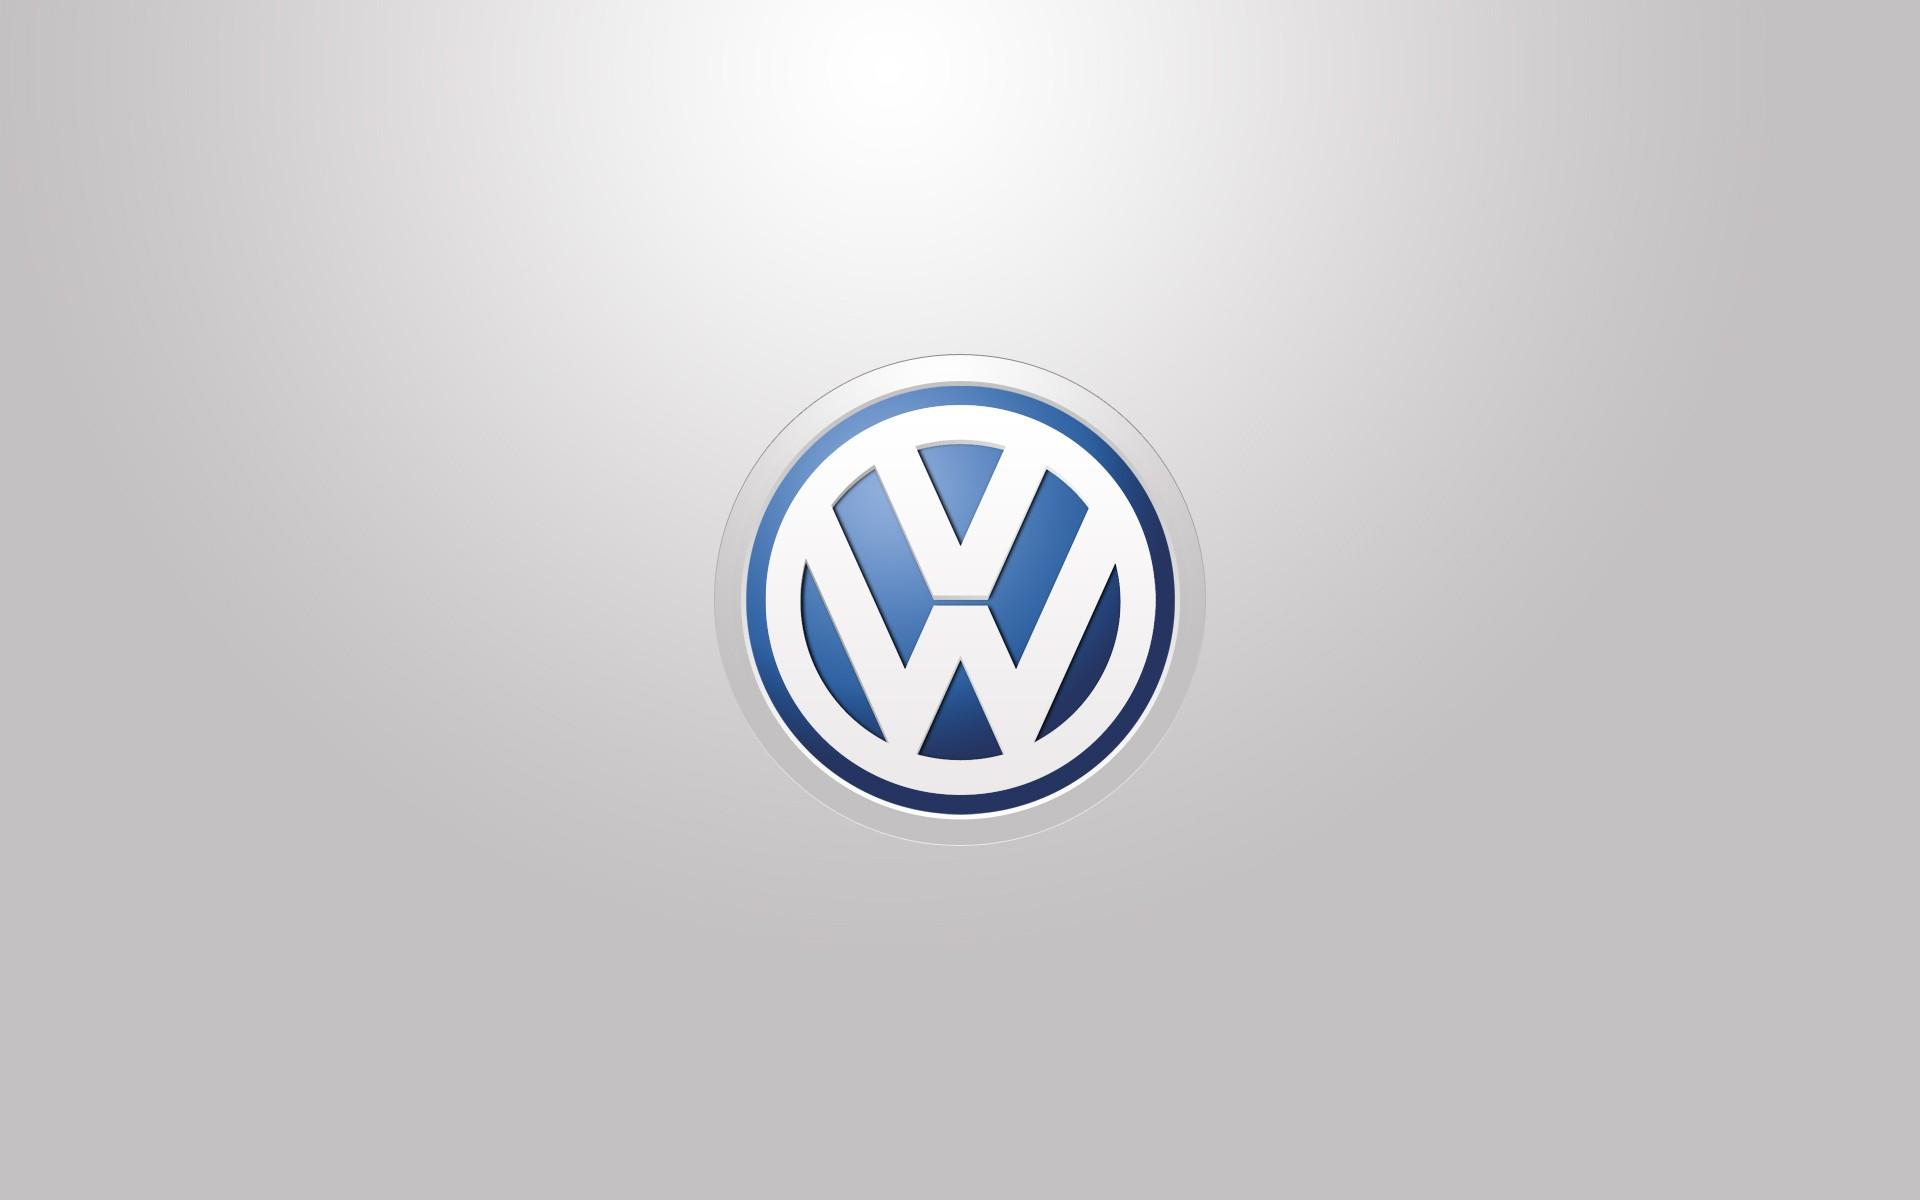 1920x1200 Volkswagen Logos wallpaper